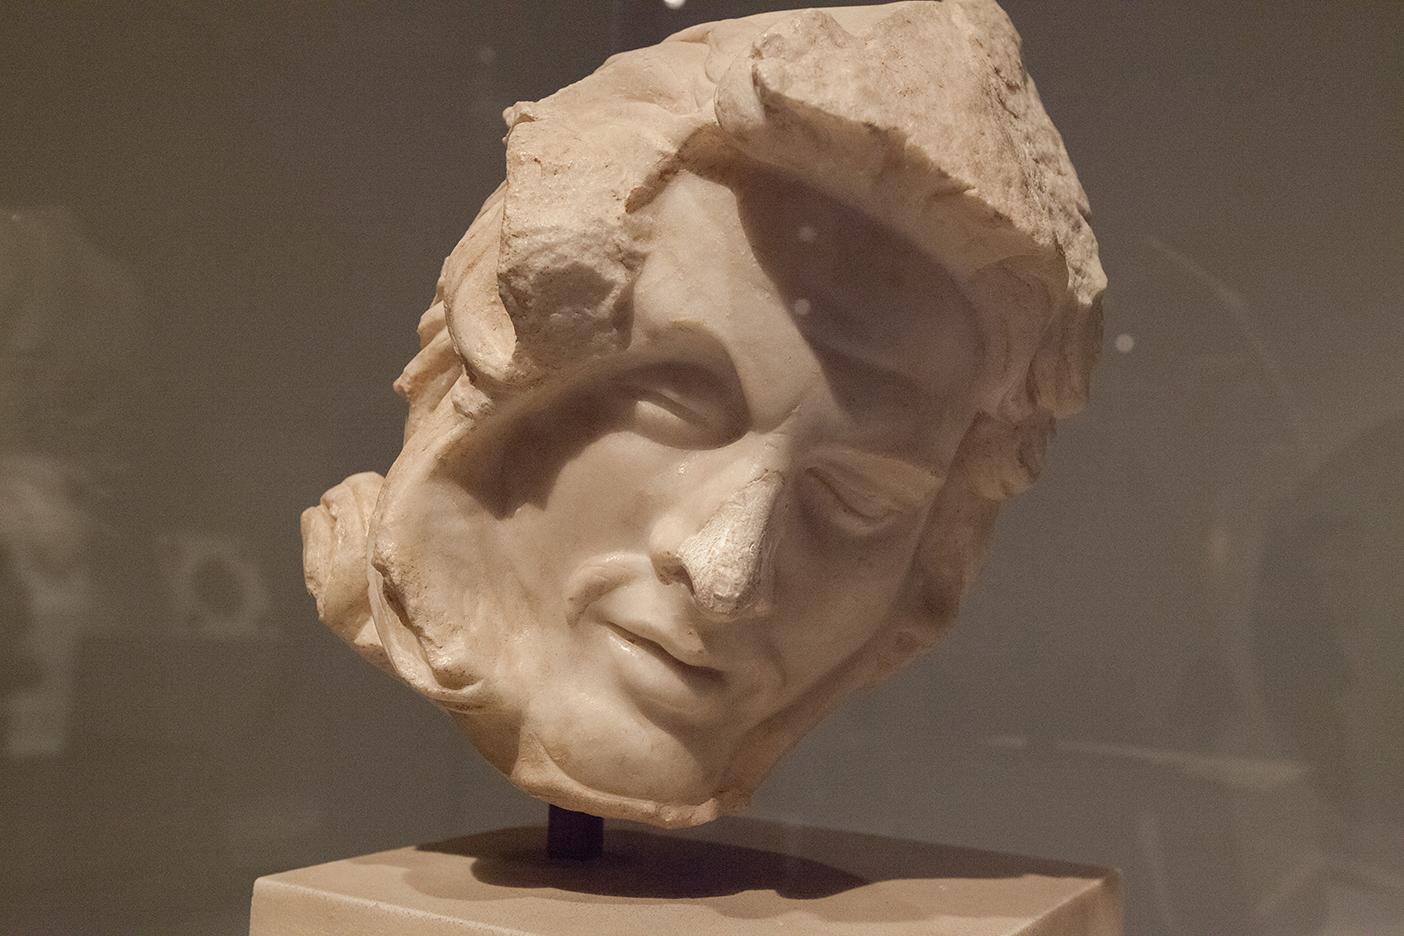 mirena-rhee-pergamon-exhibit-met-museum_10.jpg